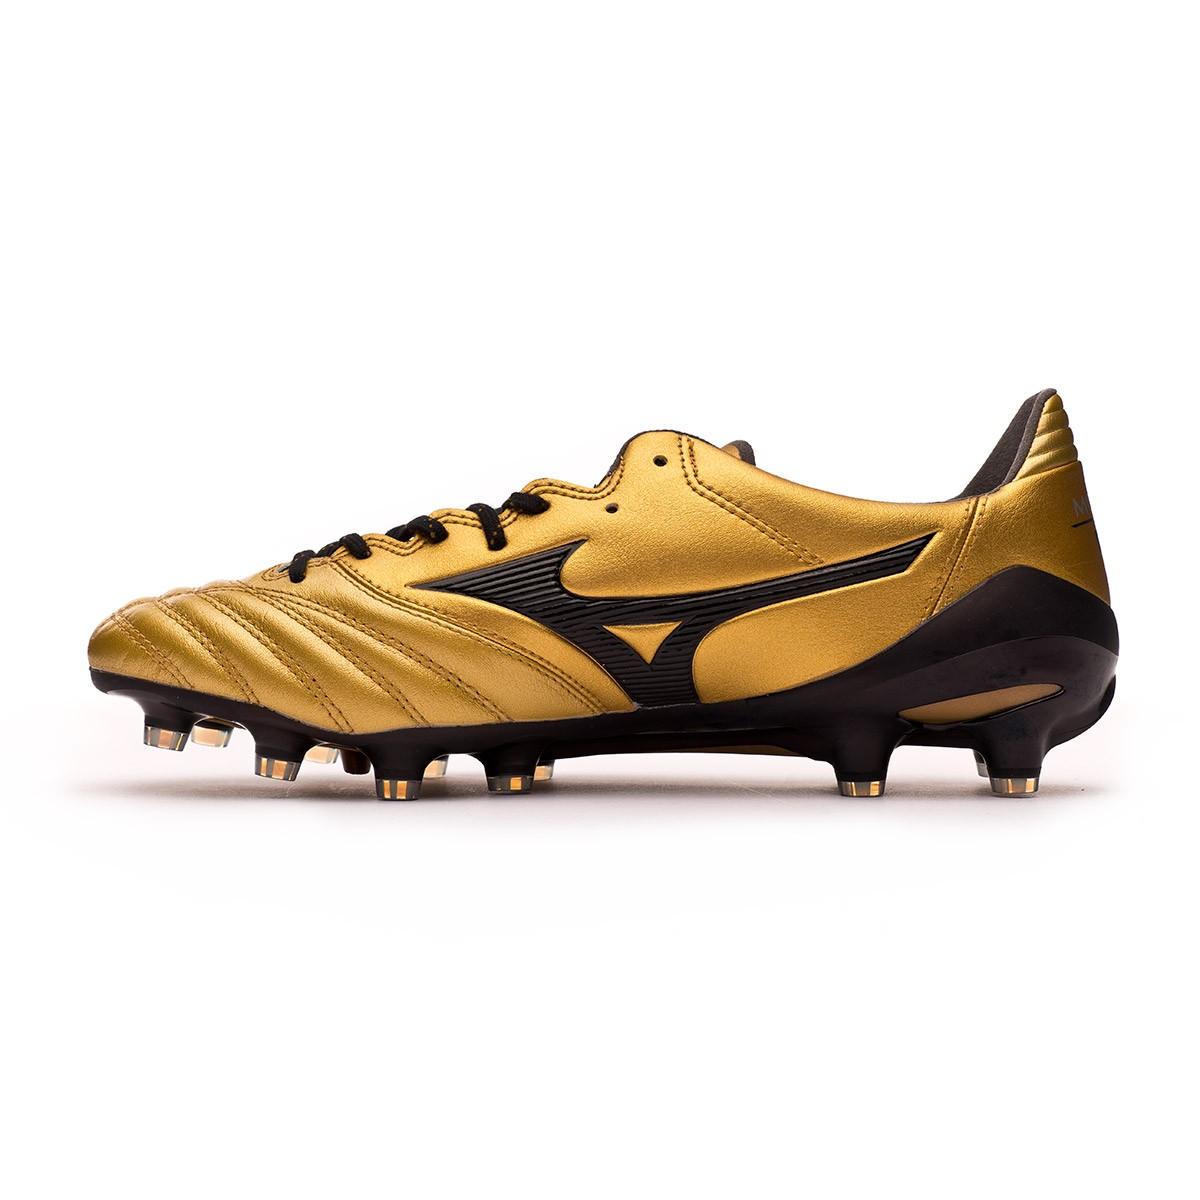 ccdaae3ae0b09 Football Boots Mizuno Morelia NEO II MD Gold-Black - Tienda de fútbol  Fútbol Emotion